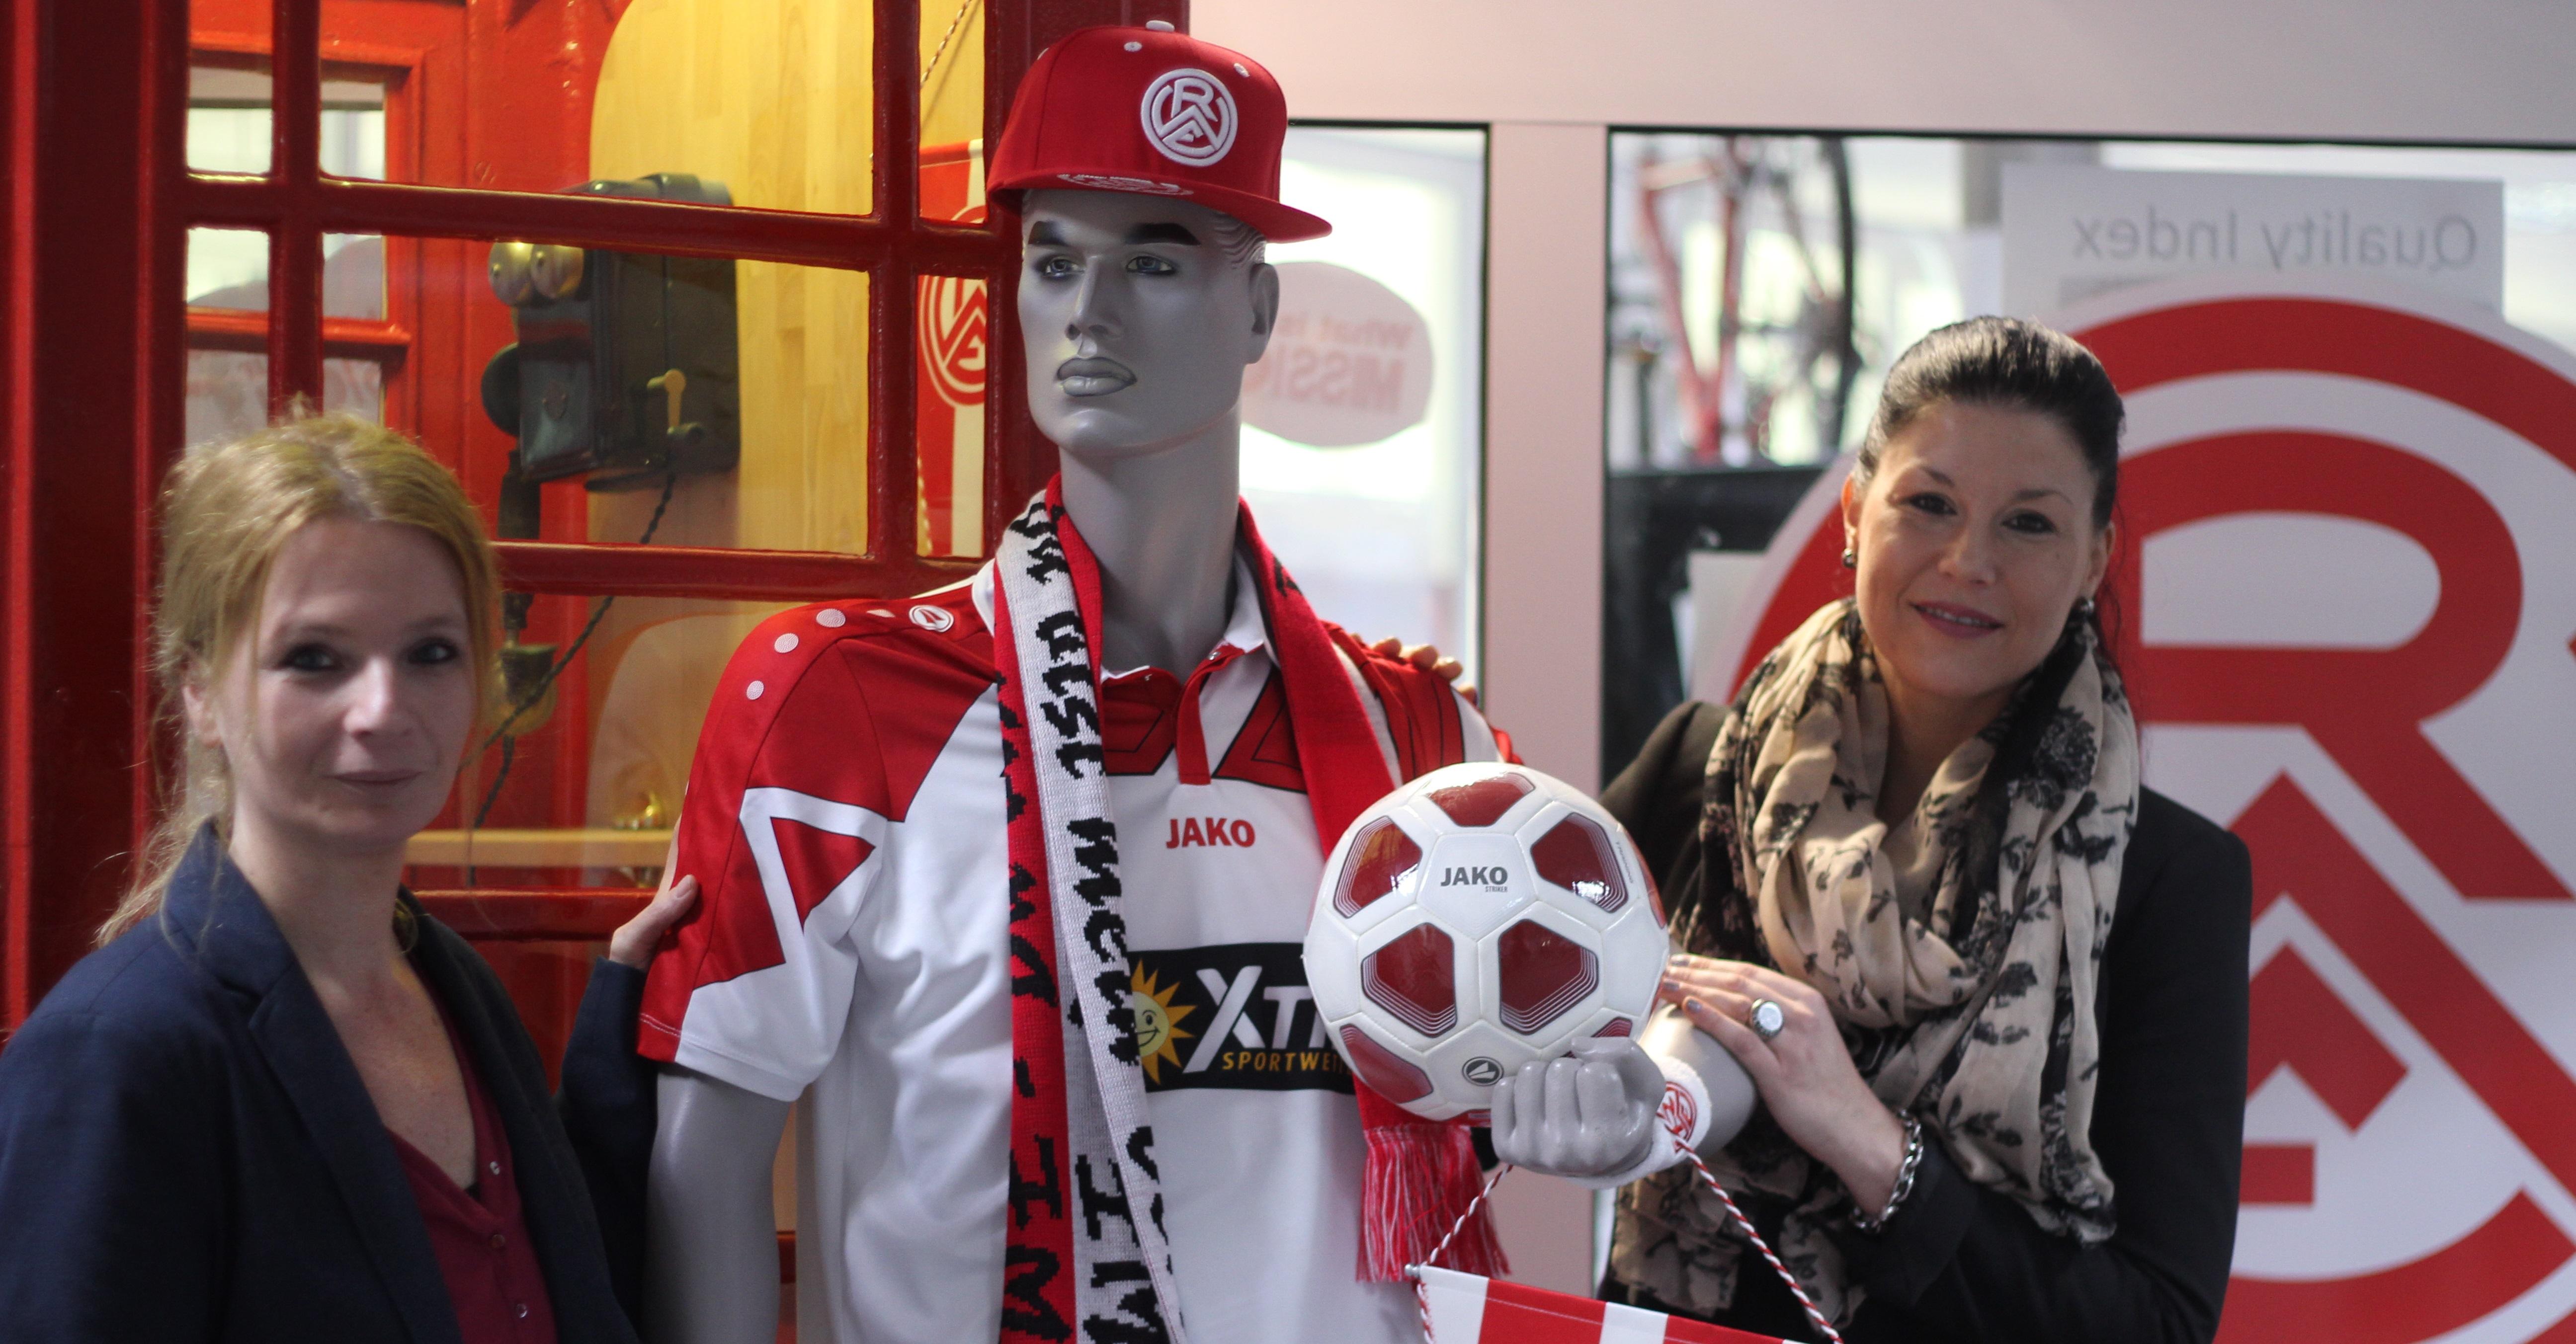 Sandra Danch und Mareike-Kim Marburg von der 020-EPOS GmbH sind im Rot-Weiss-Fieber.